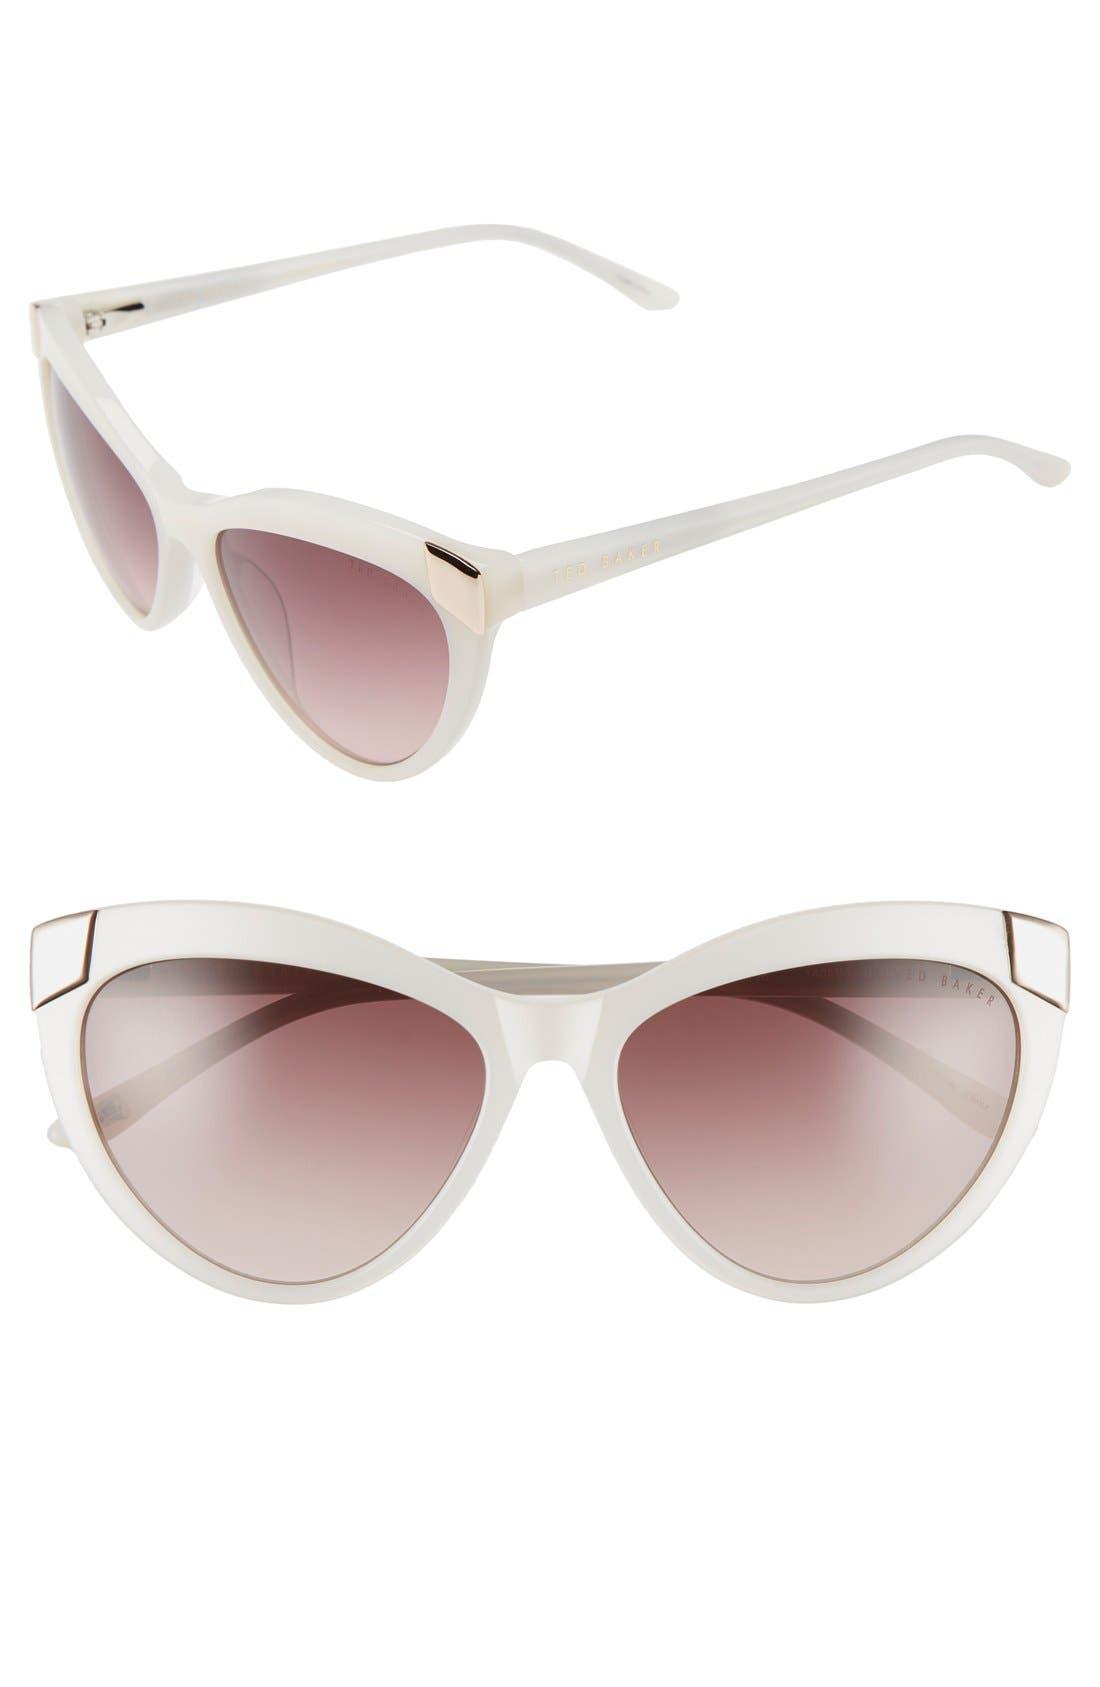 Alternate Image 1 Selected - Ted Baker London 57mm Cat Eye Sunglasses